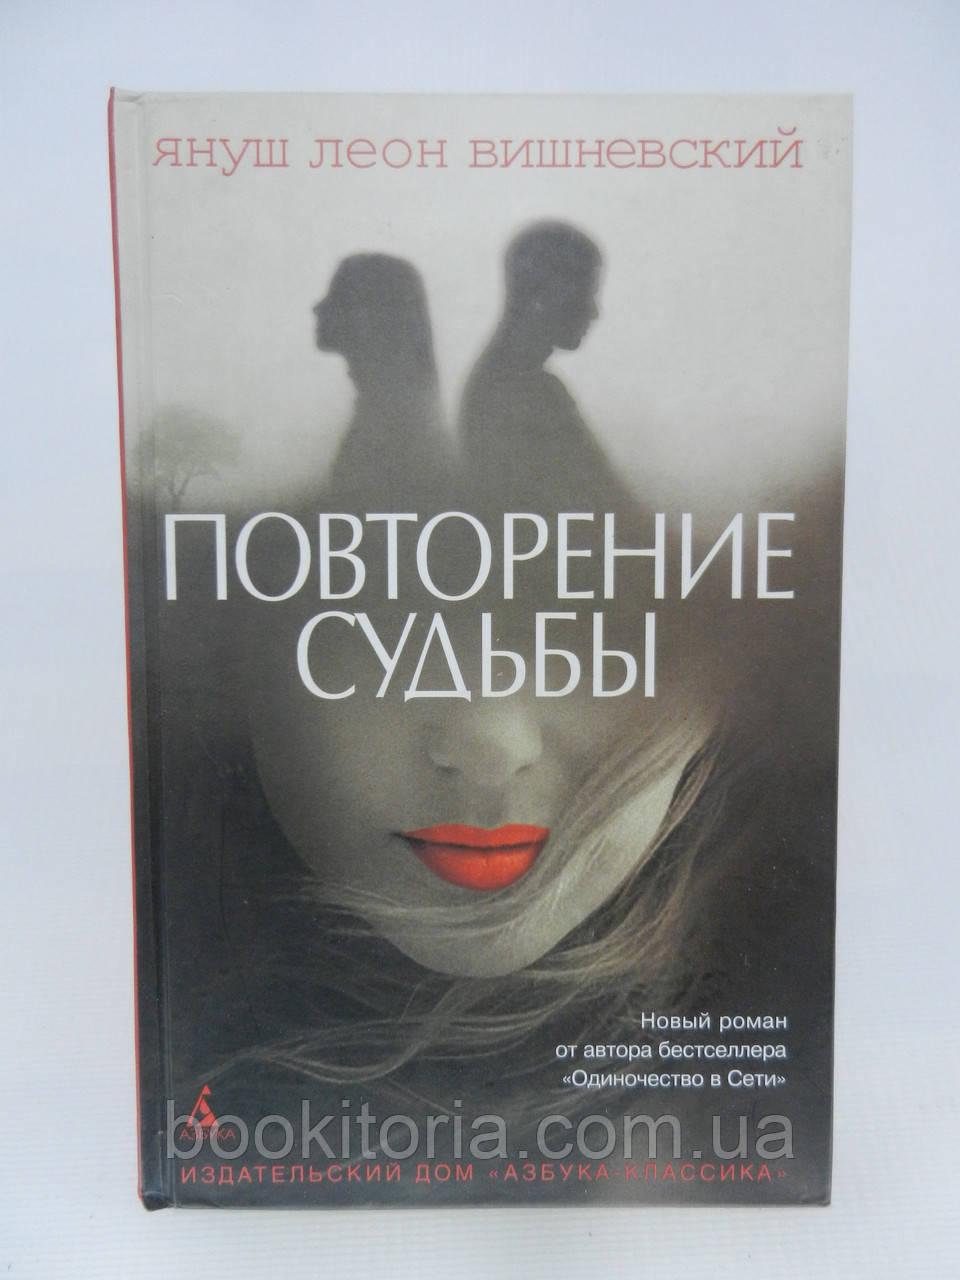 Вишневский Я.Л. Повторение судьбы (б/у).